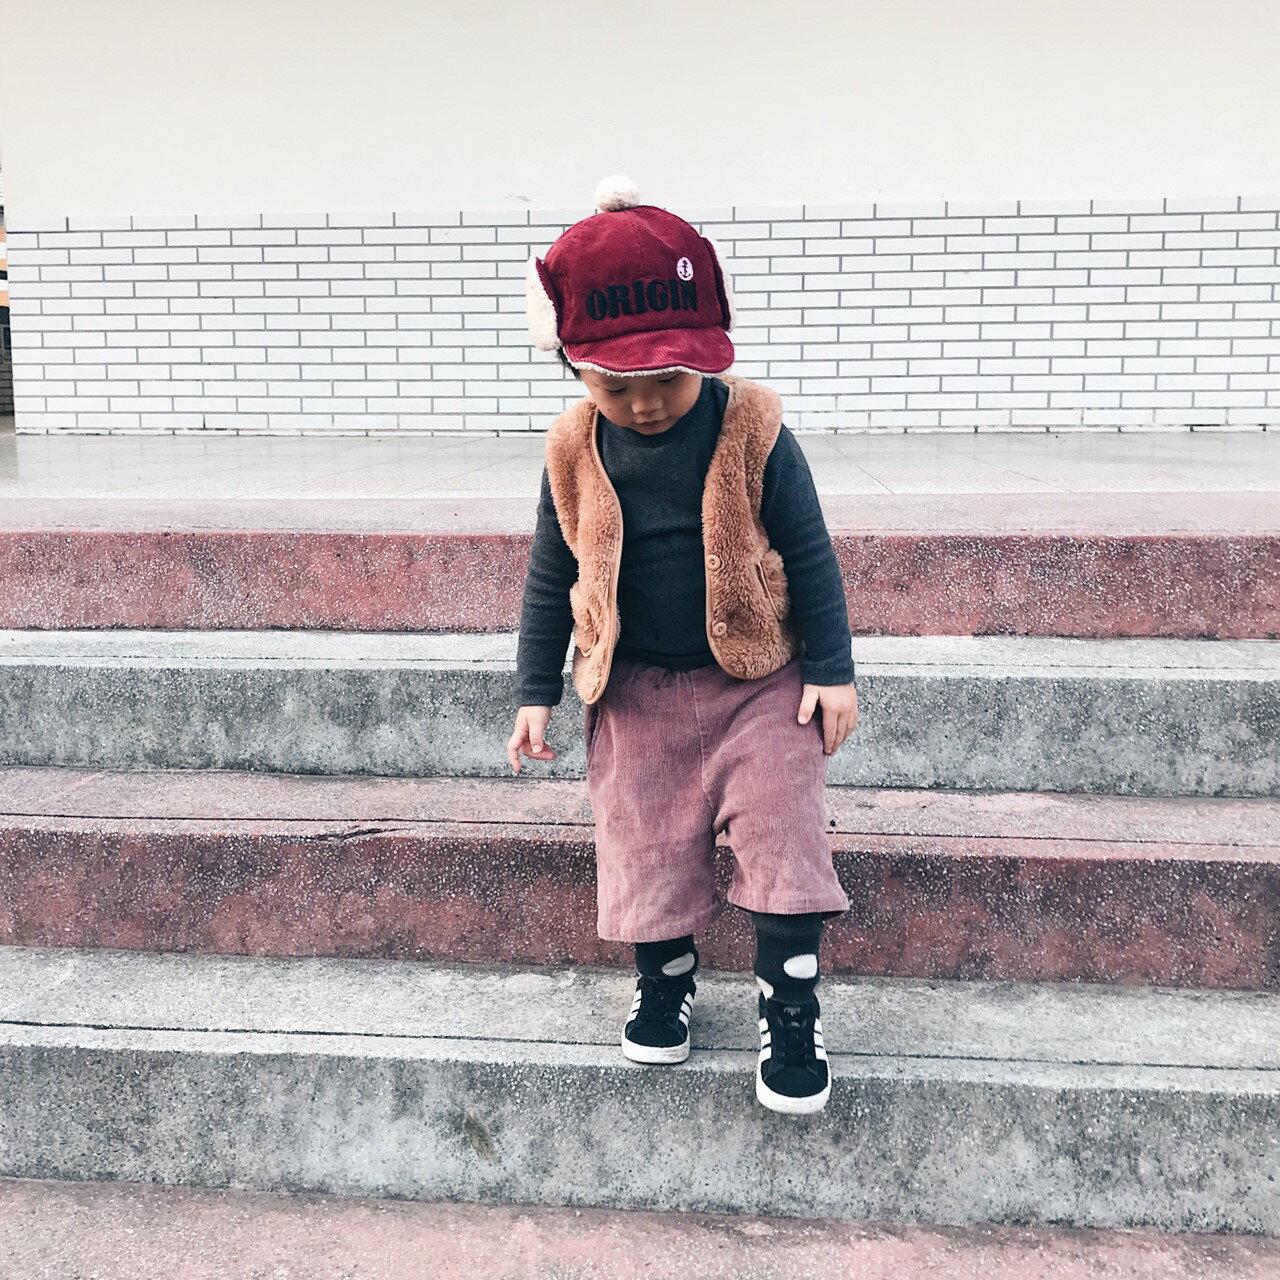 小萌毛絨開扣背心 內搭 單穿 中性款 夾克 外套 背心 橘魔法 男童 女童 現貨 兒童 童裝【p0061196258356】 7